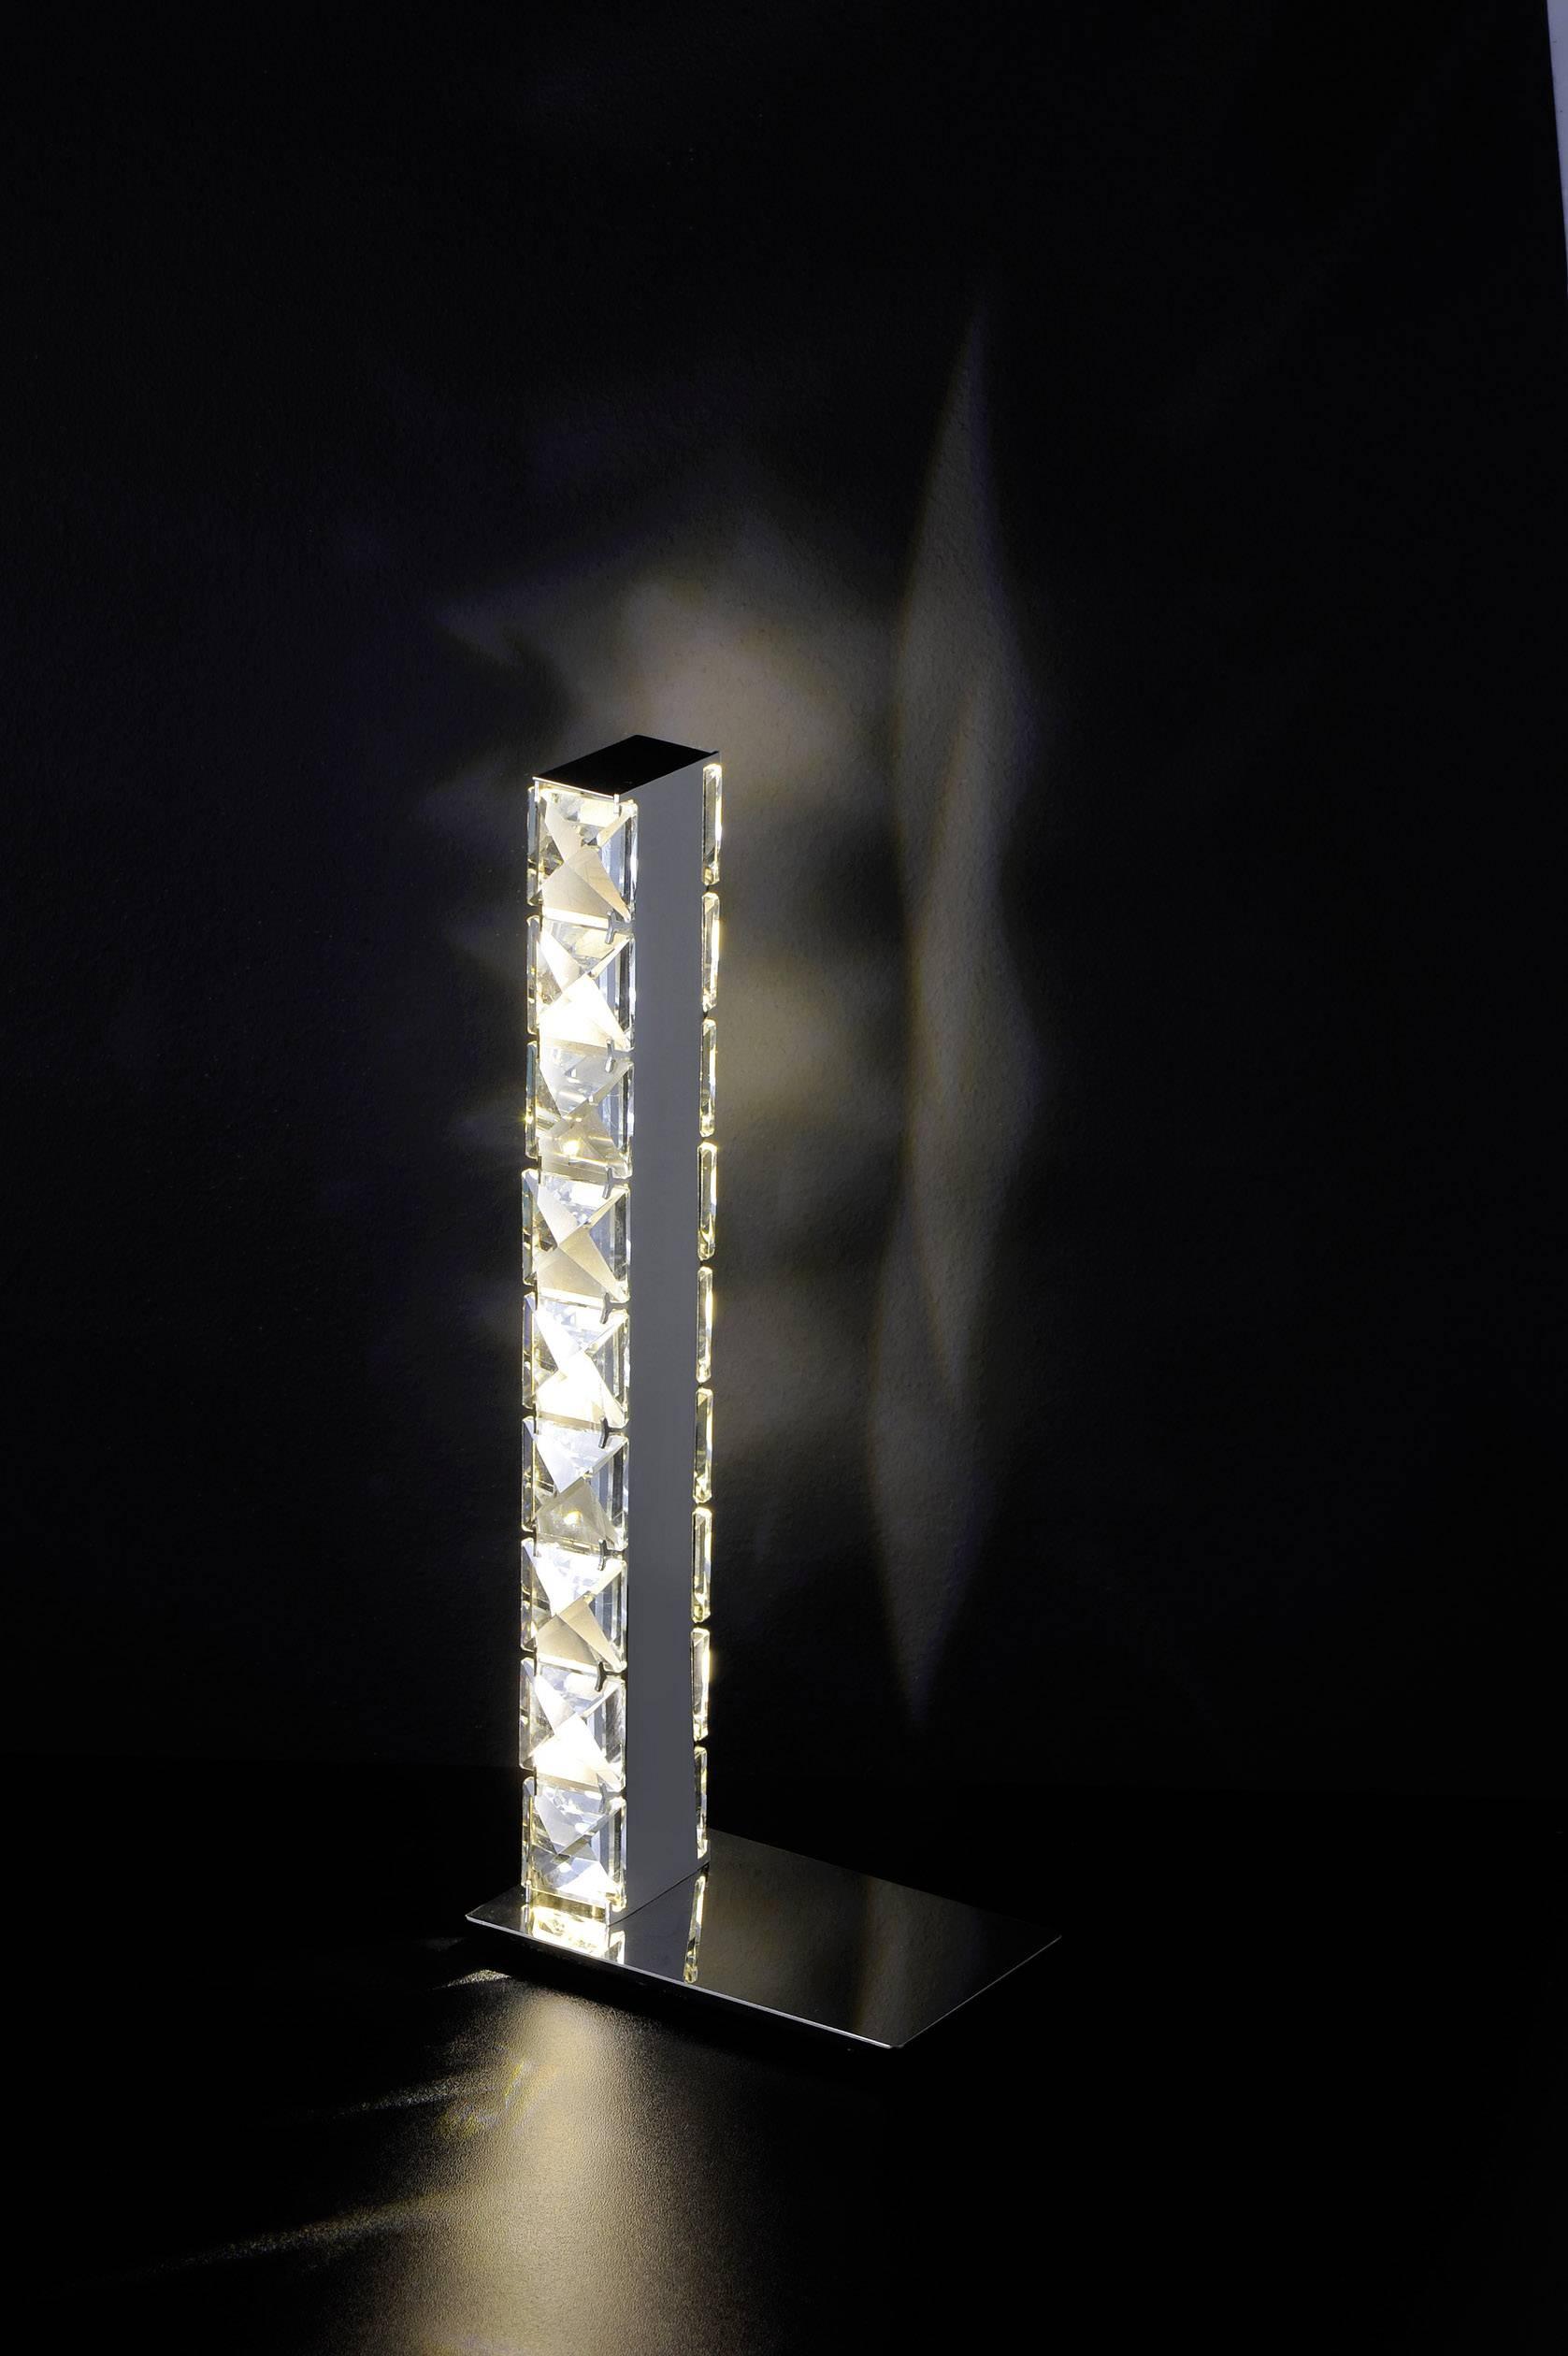 paul neuhaus lampen cheap good led watt decken wand leuchte silber schwenkbar lampe silber paul. Black Bedroom Furniture Sets. Home Design Ideas